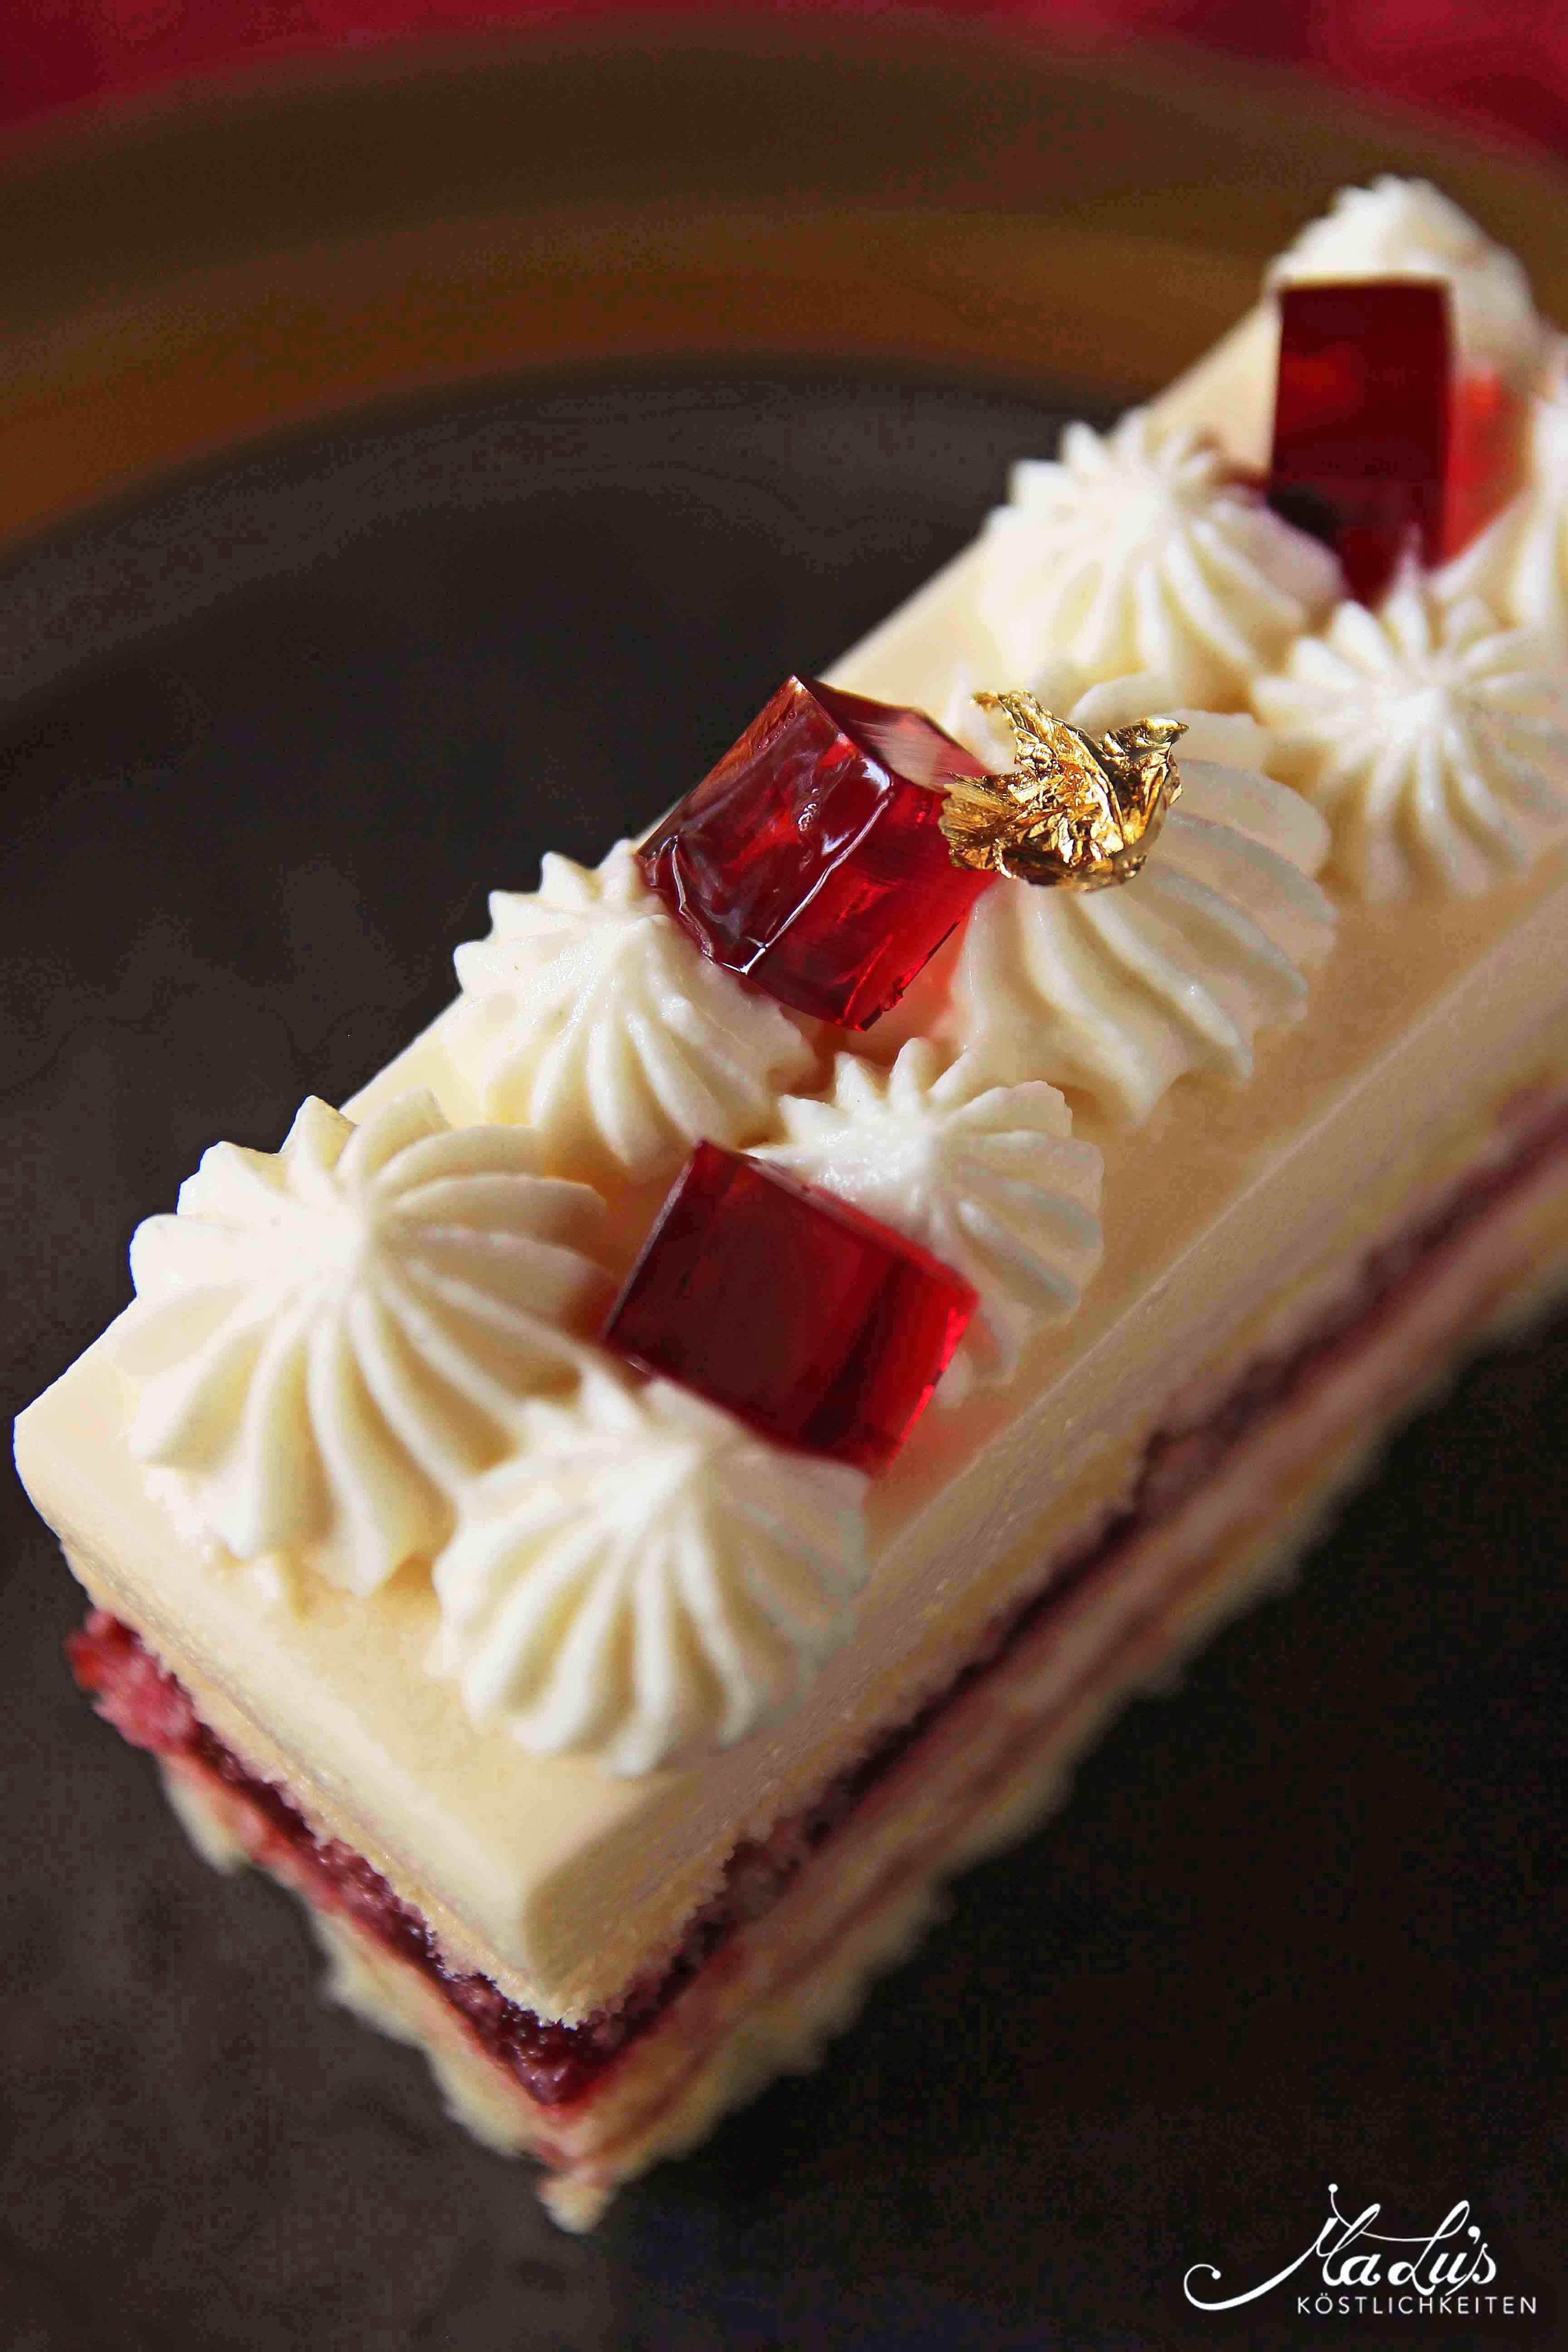 Cremige Kirsch Cheesecake Schnitten